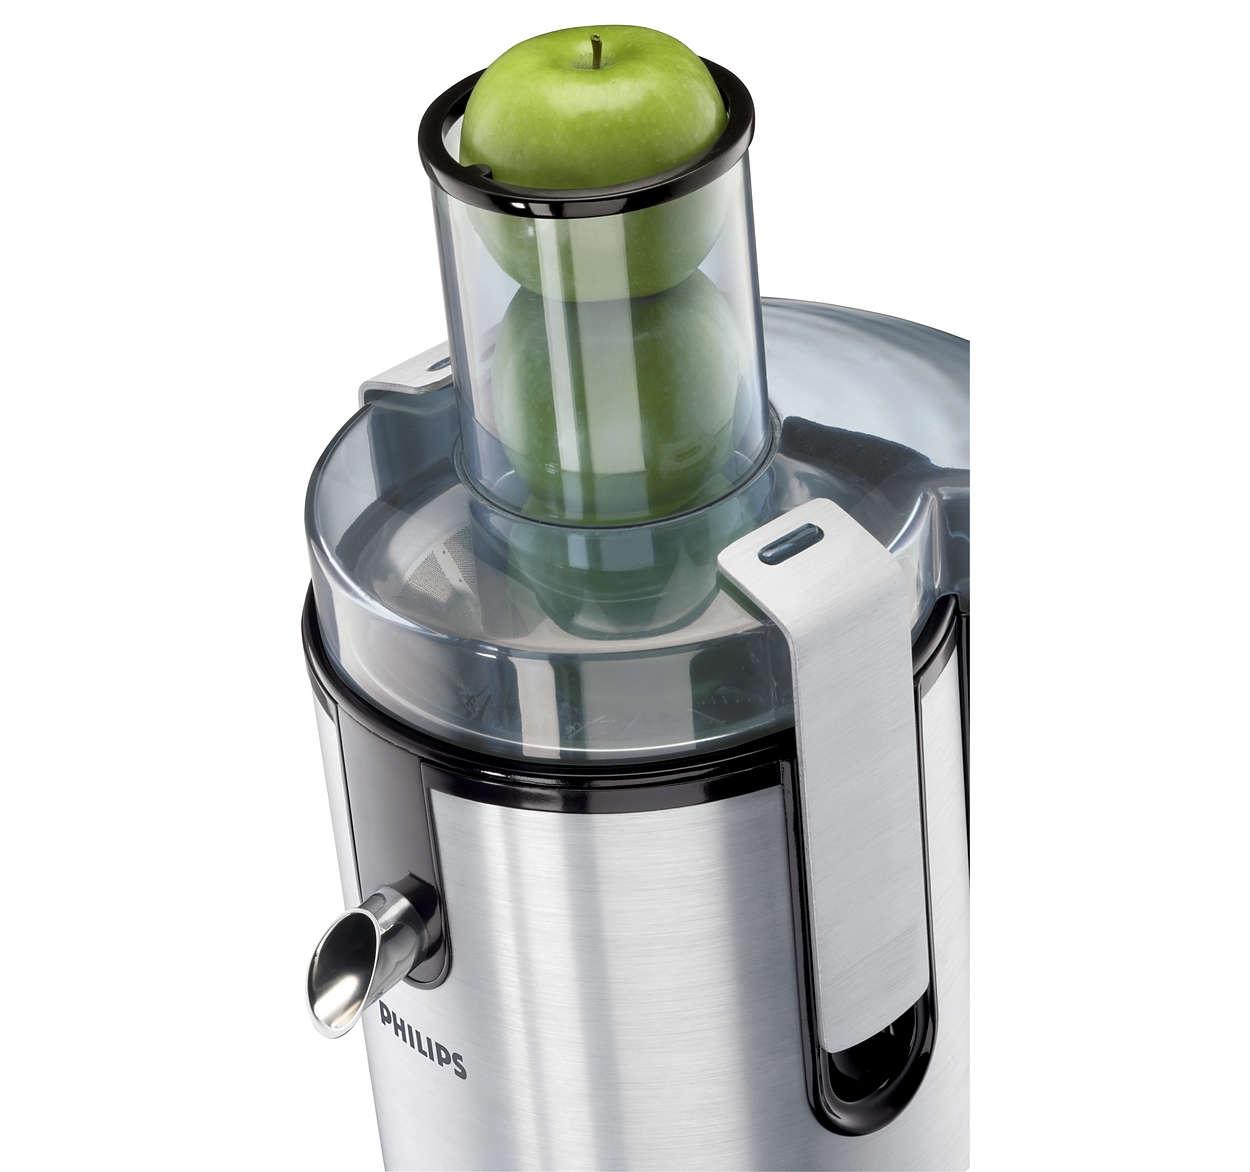 Aluminium Collection Juicer Hr1861 00 Philips